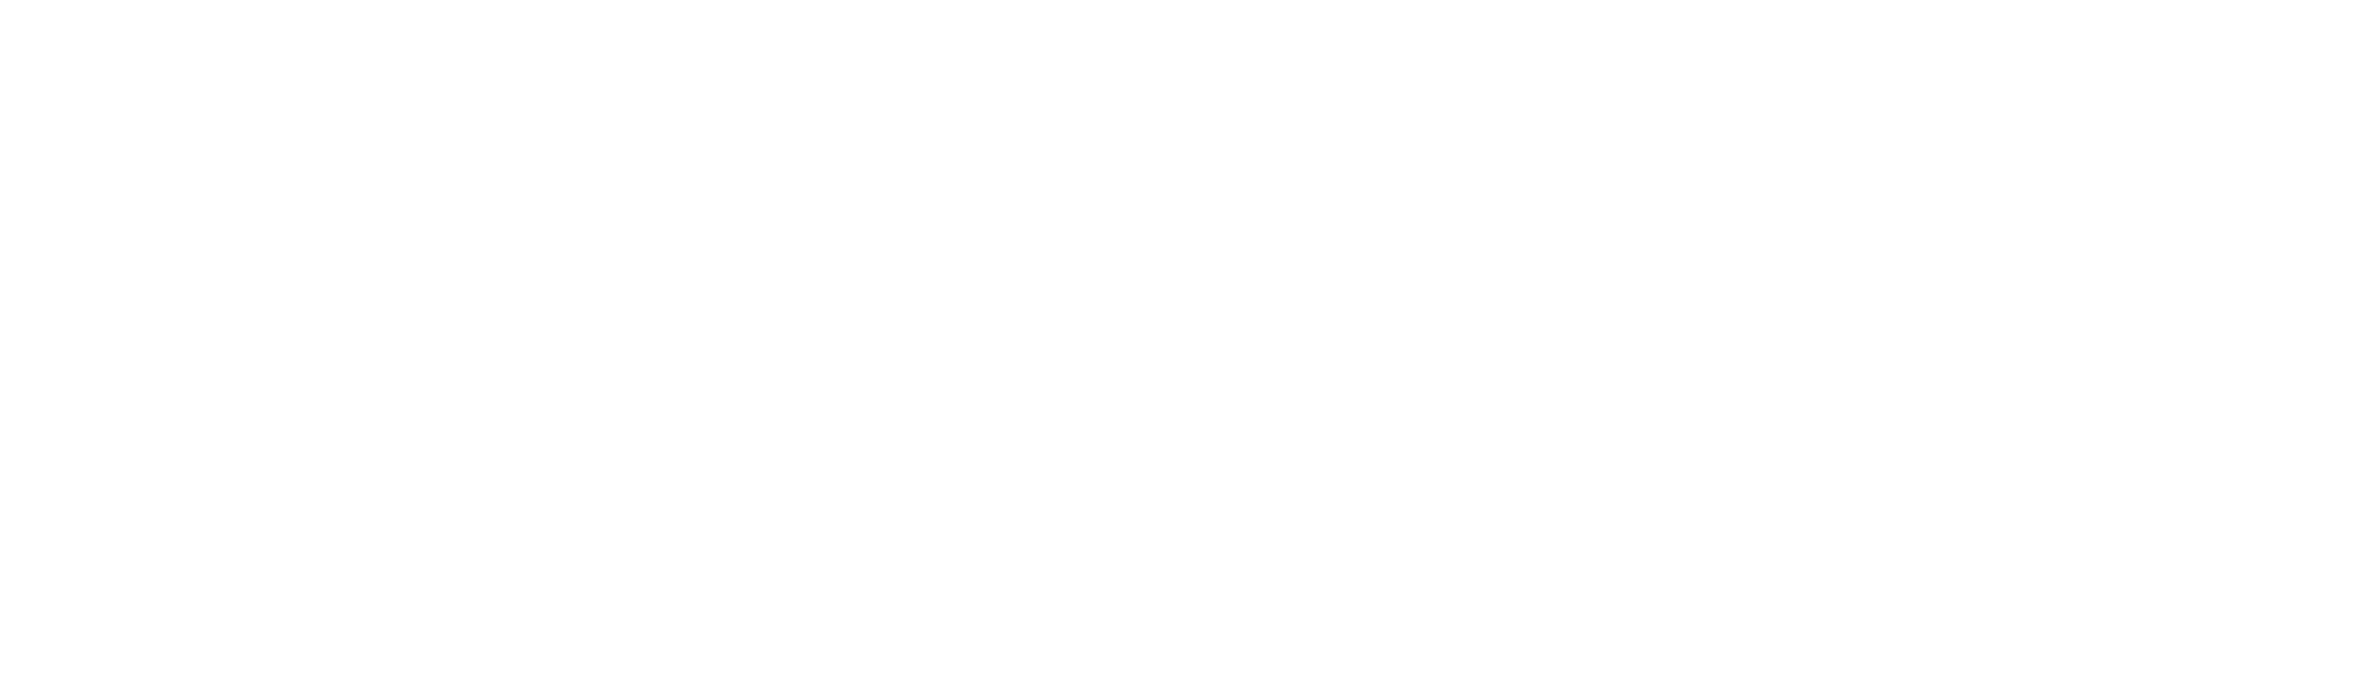 Lichtecht Fotografie